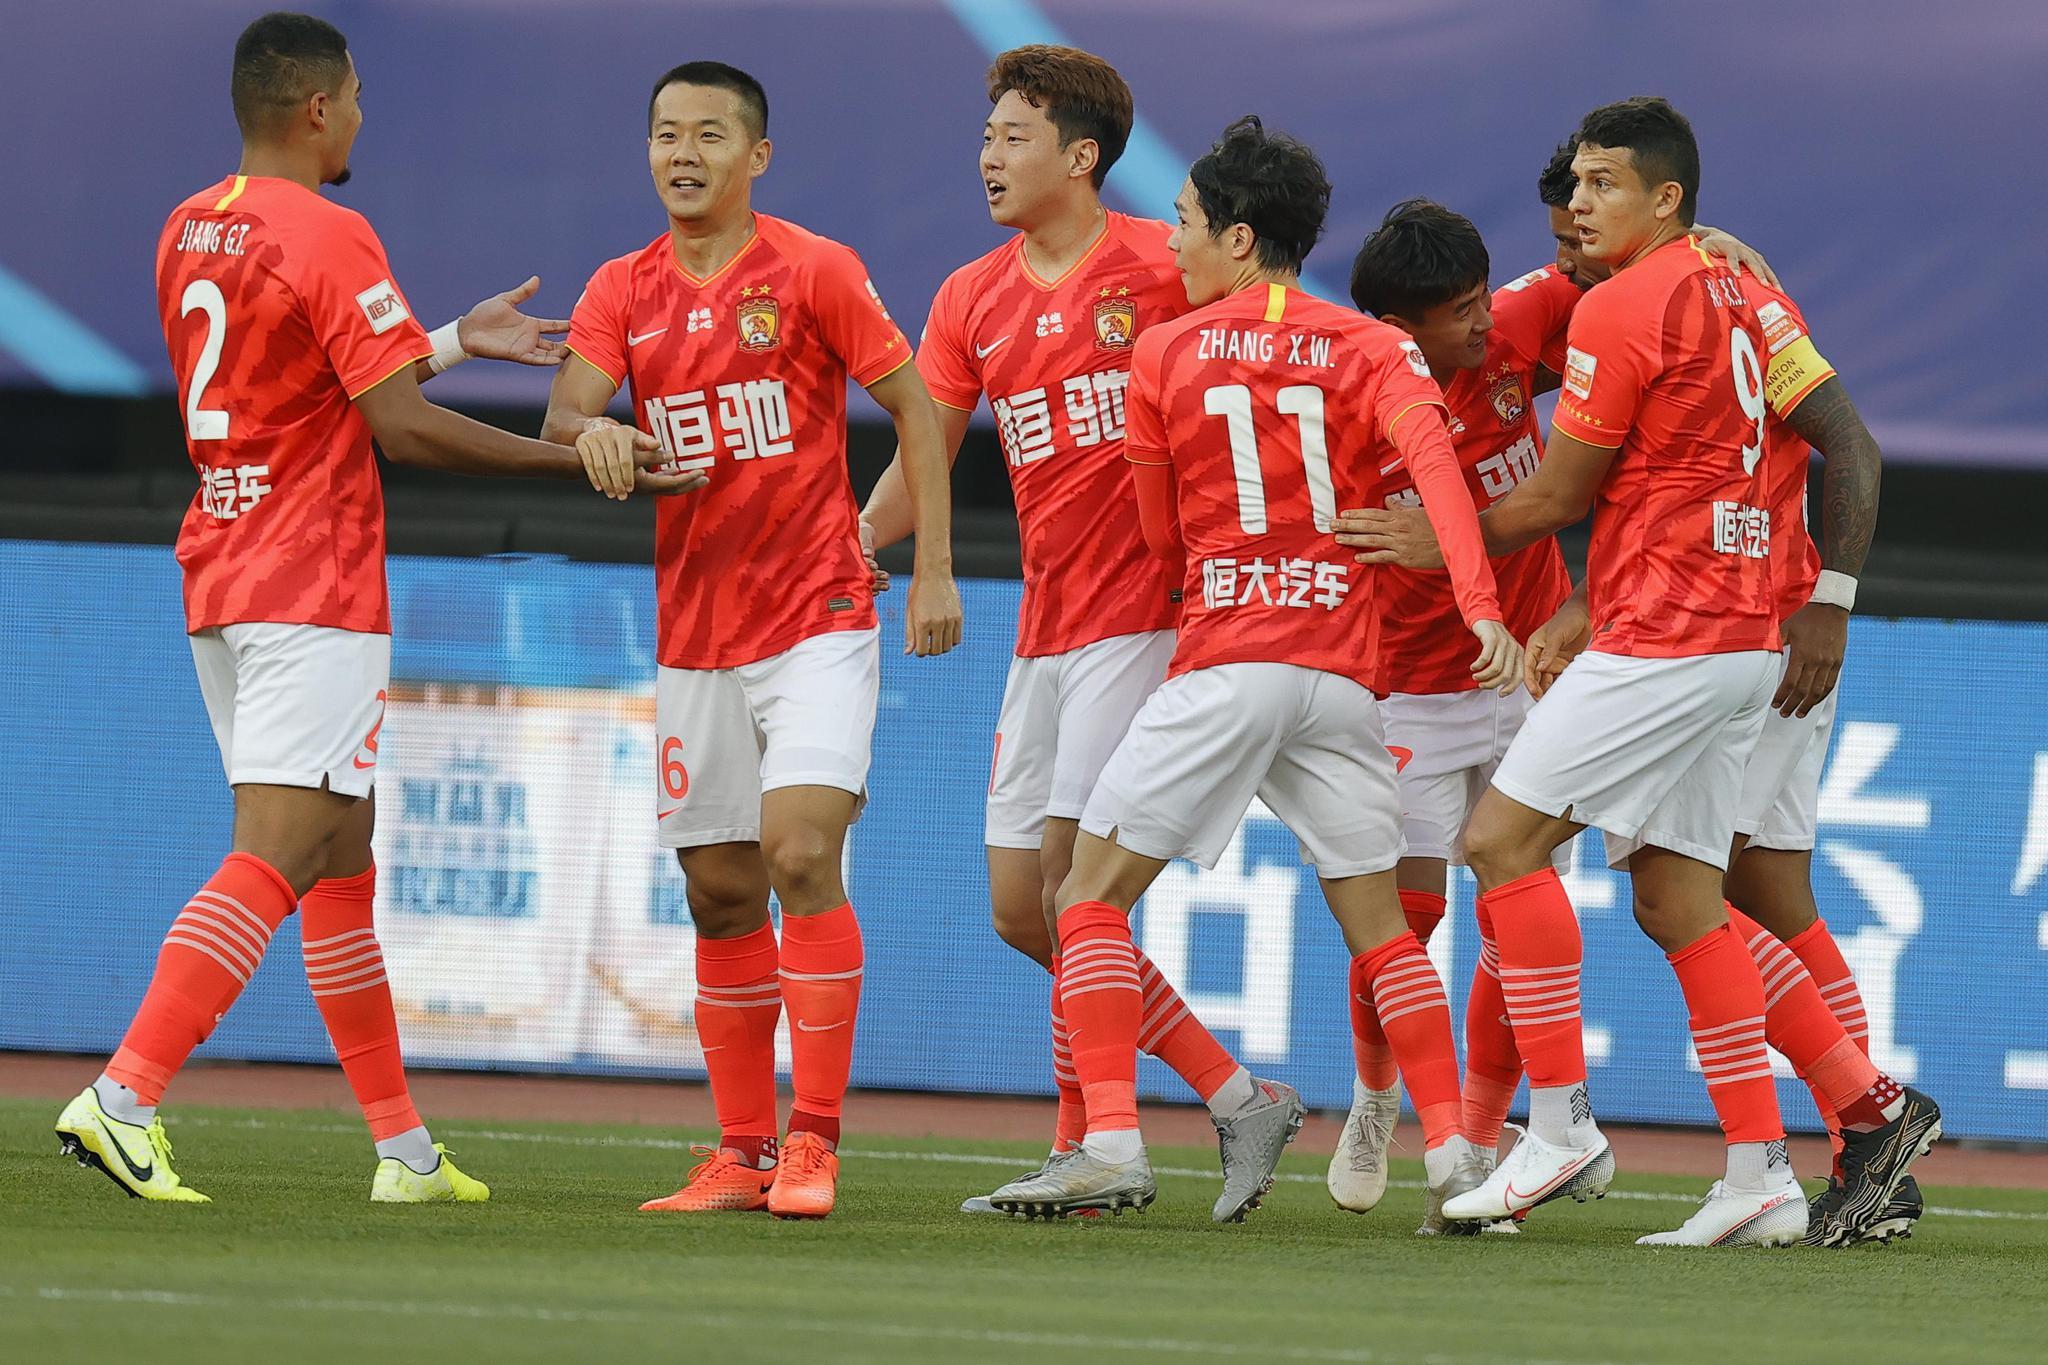 新浪直击广州恒大2-0上海申花